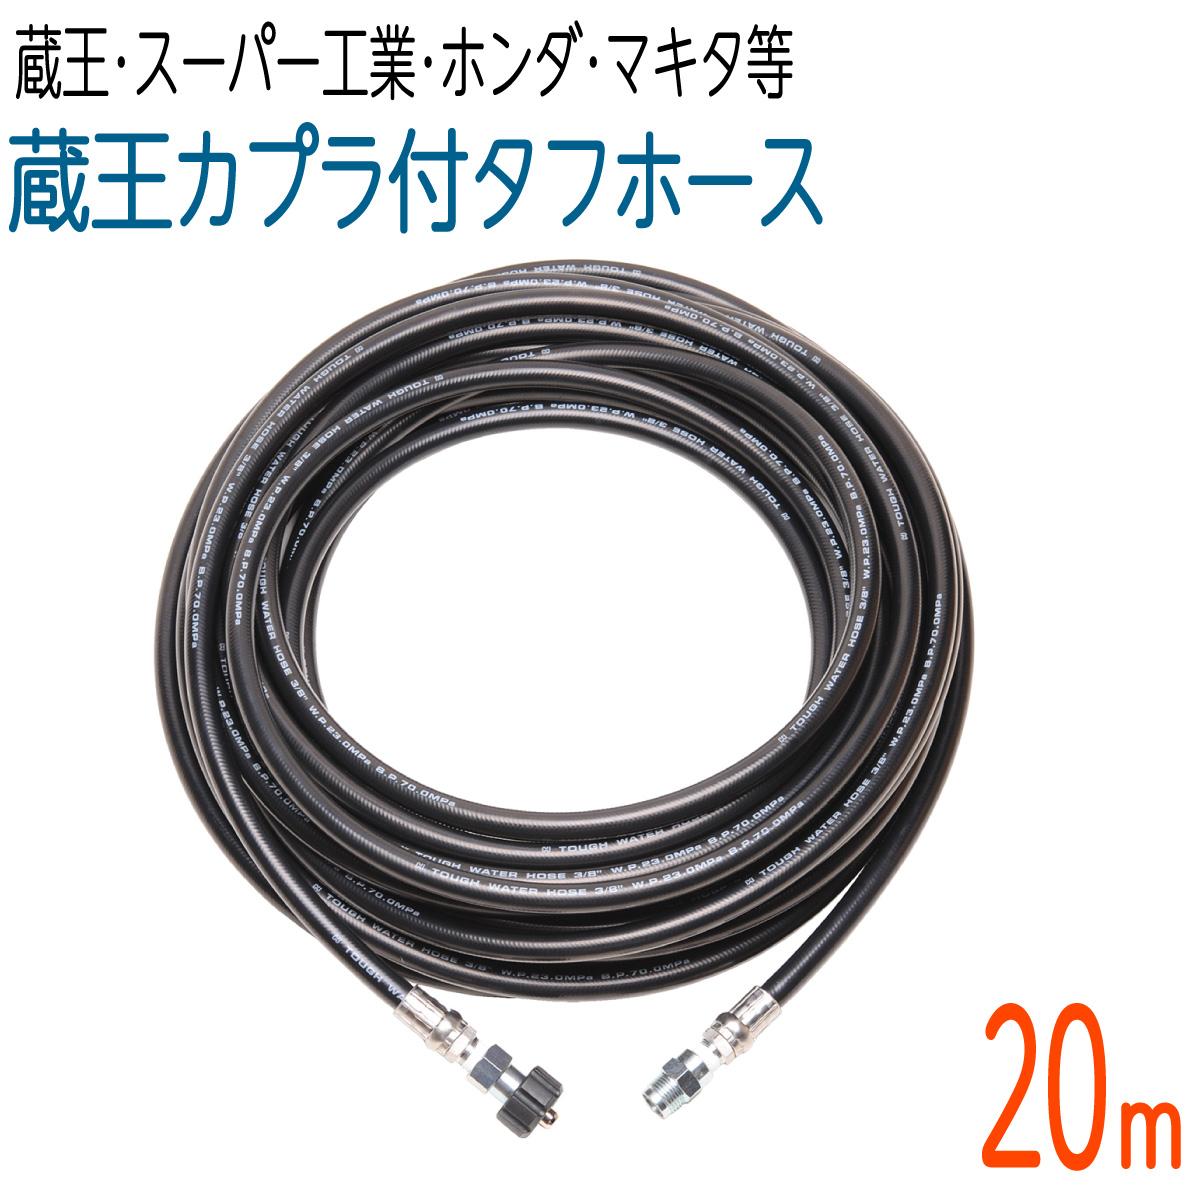 【20M】 蔵王産業・スーパー工業・ホンダ・マキタ 対応 3/8(3分) 高圧洗浄 タフホース